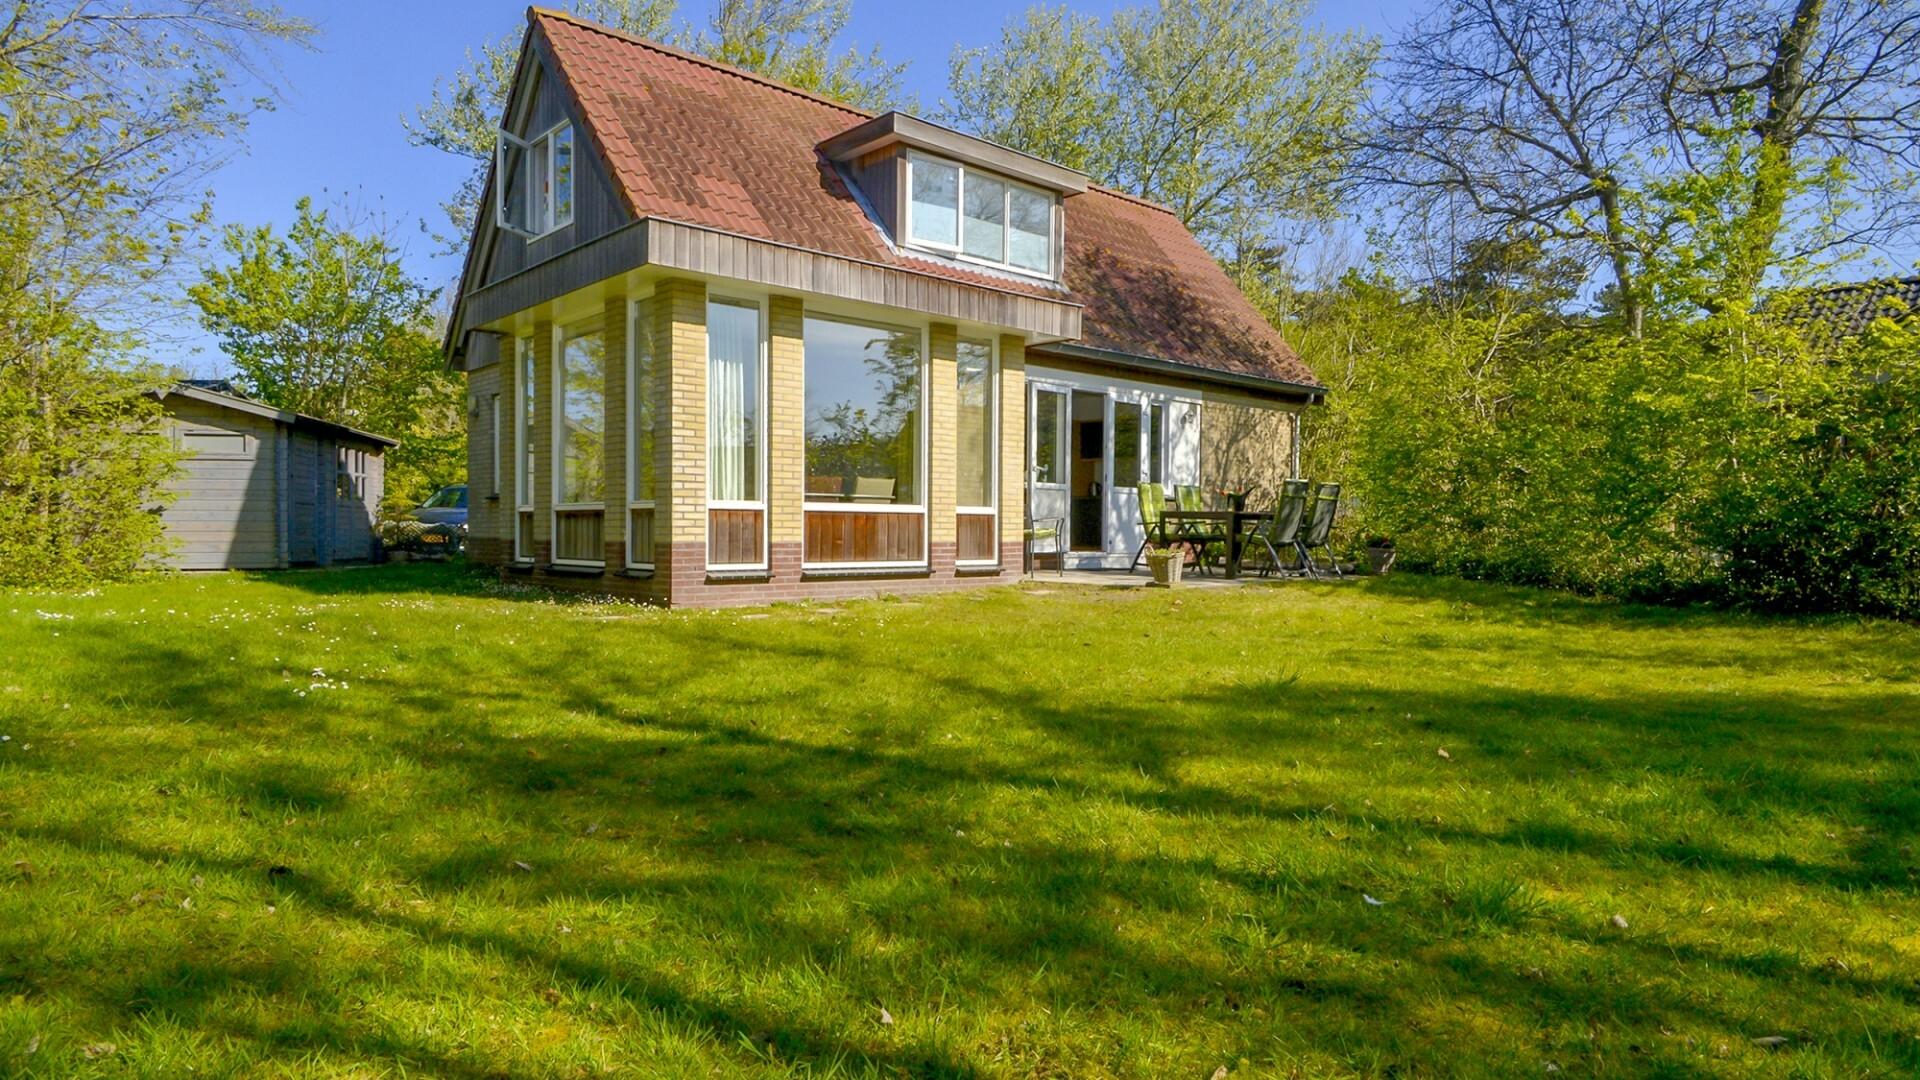 Vakantiehuis t Huisje nabij De Koog VVV Texel